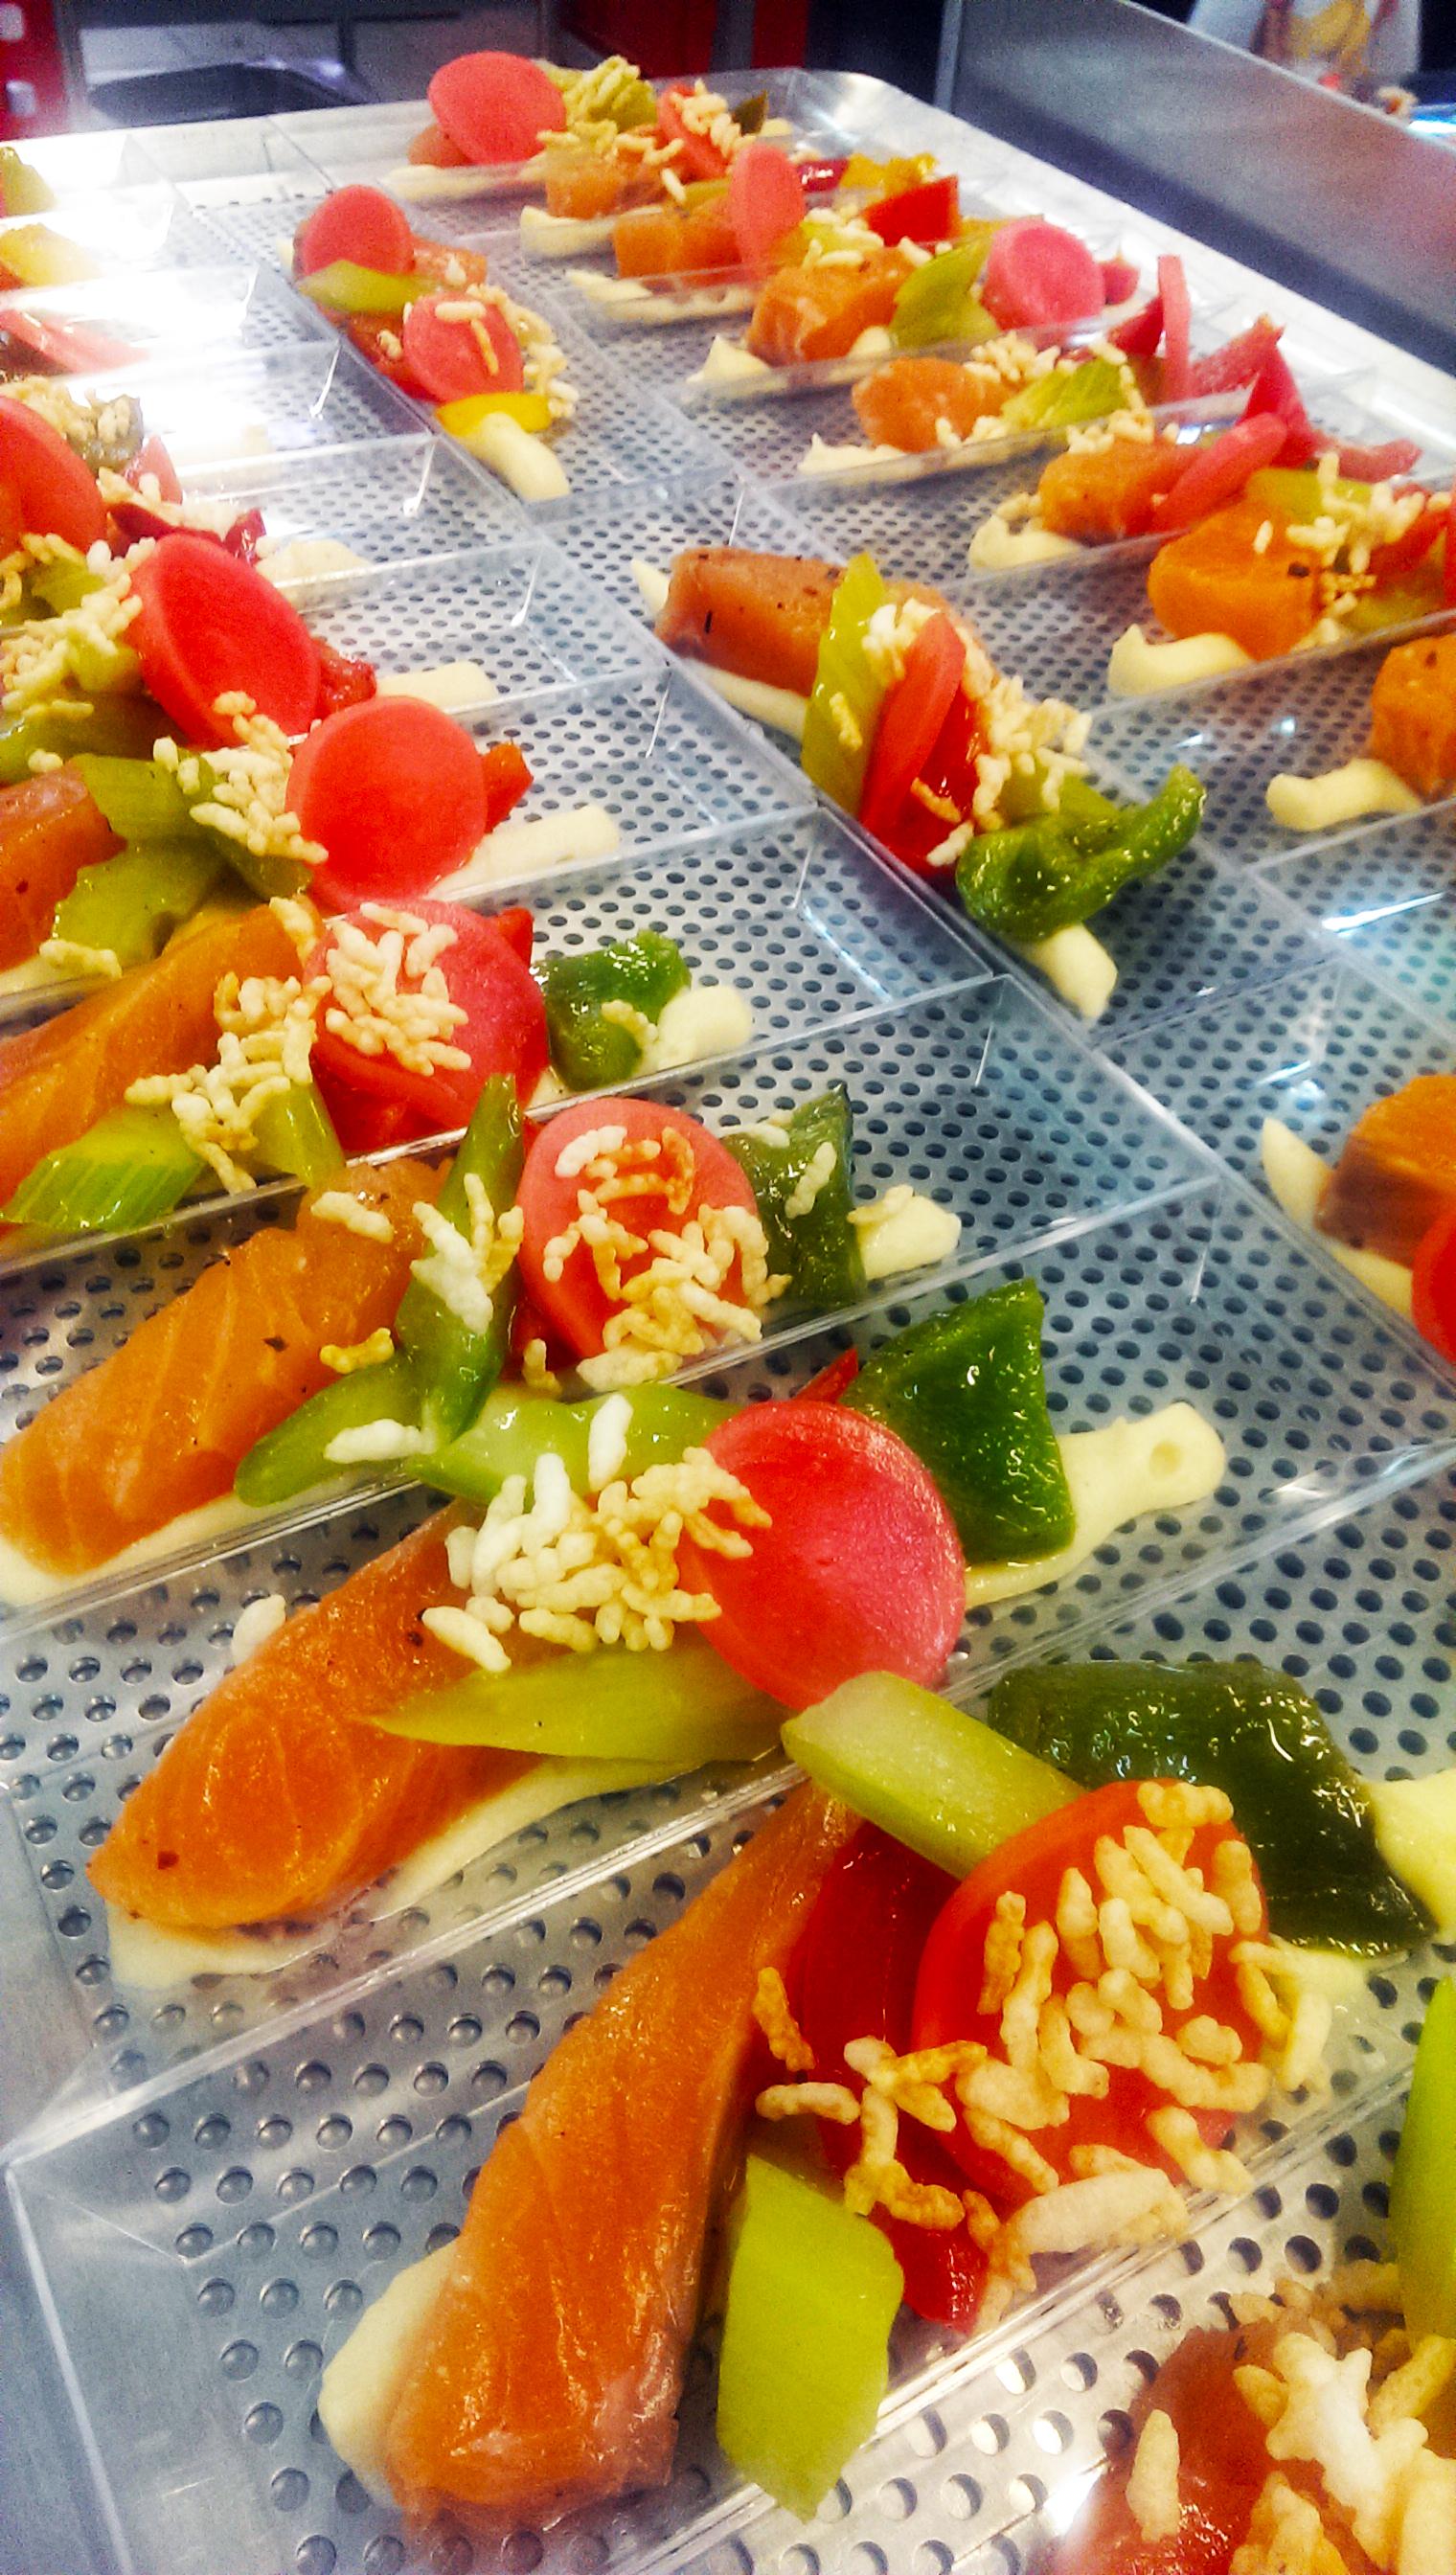 Kohler`s Kulinarik Haag Marktredwitz Restaurant, Pension, Patisserie,Hochzeitstorten, Catering, Partyservice, Kohler